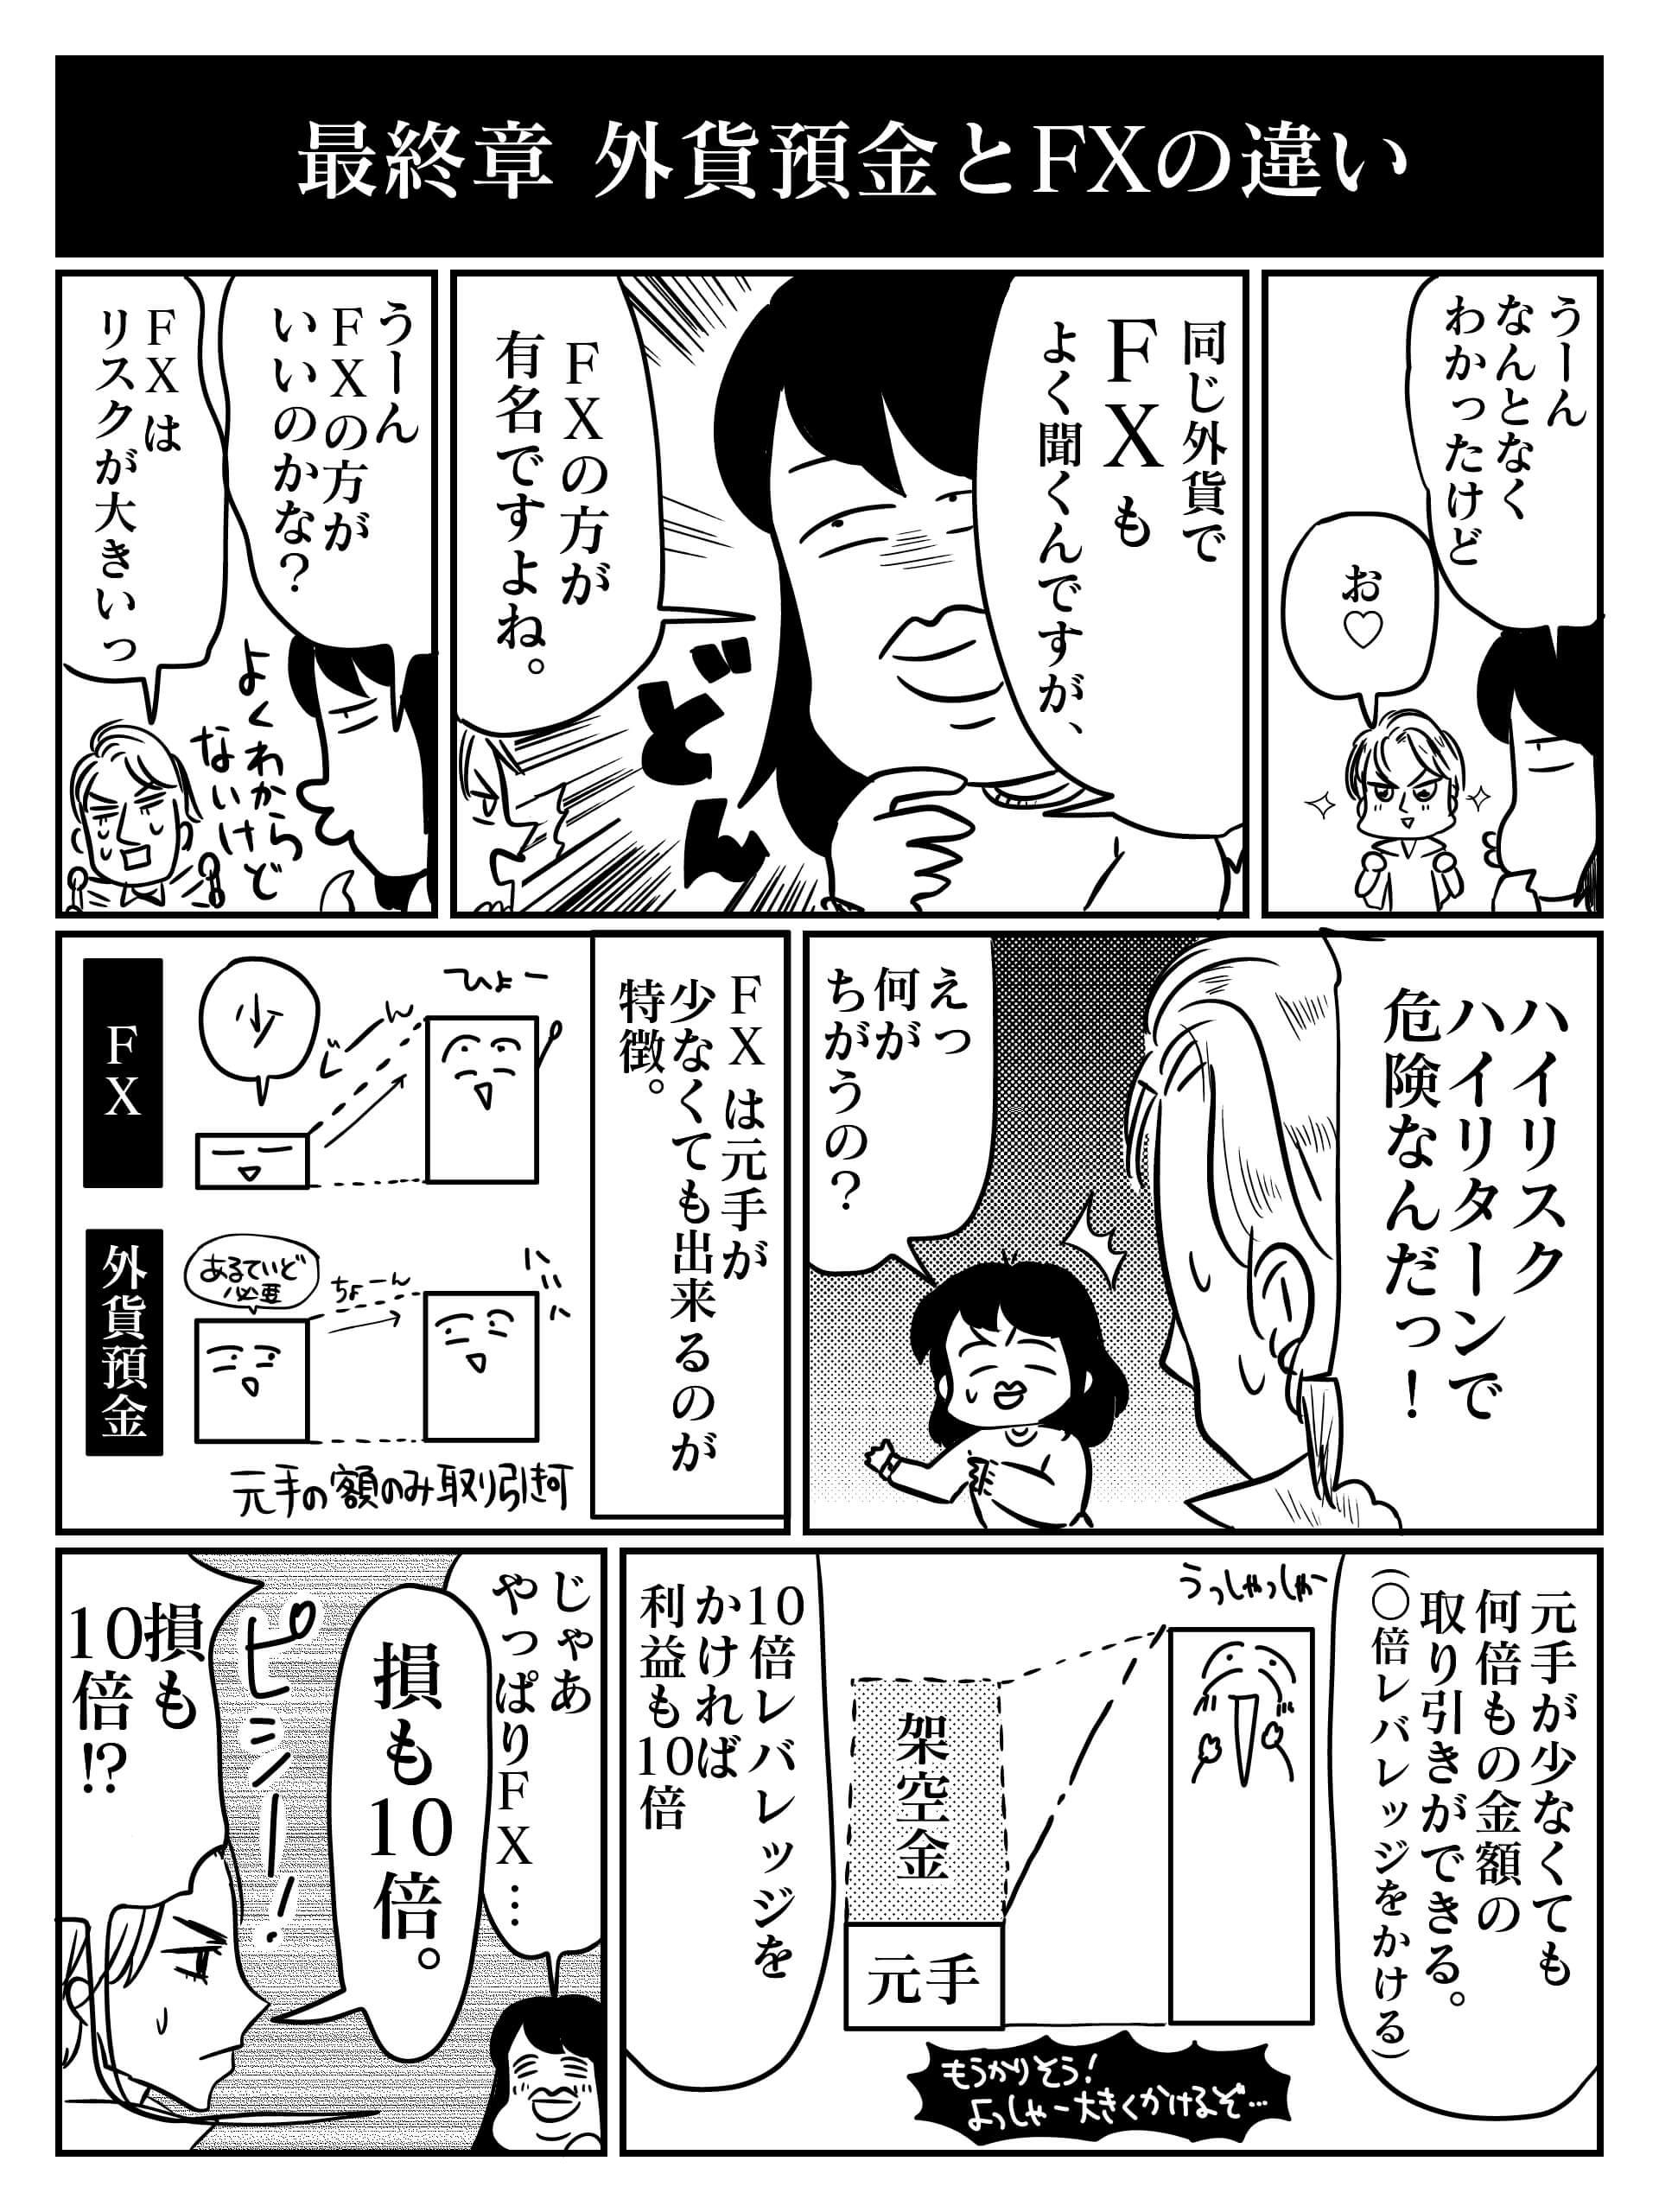 外貨預金漫画5